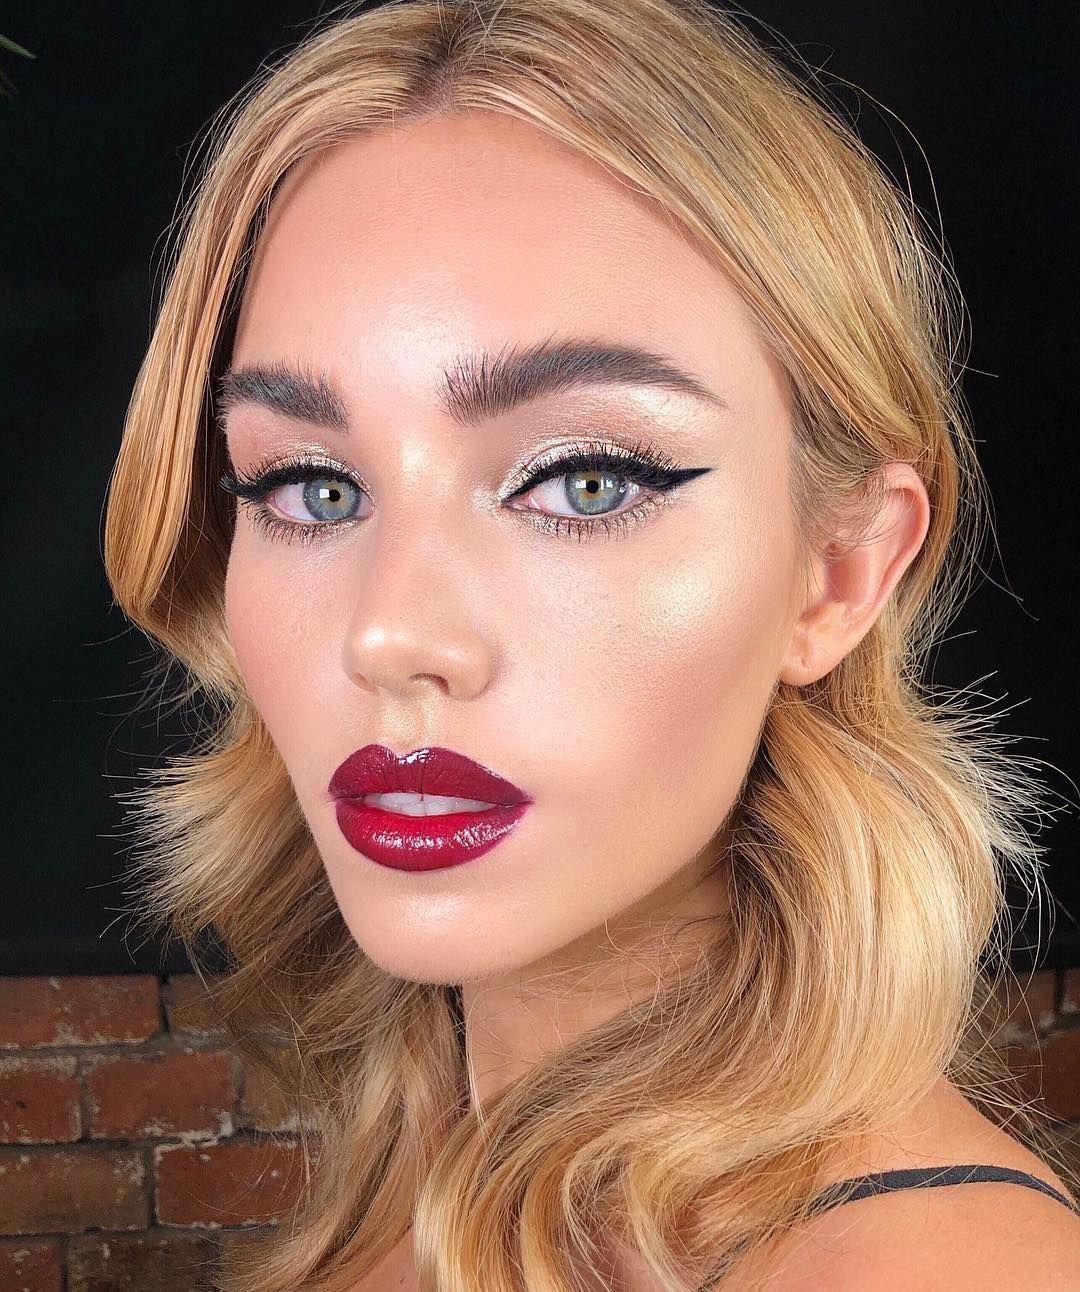 Finde die schönsten Make Up Looks für größere Augen und